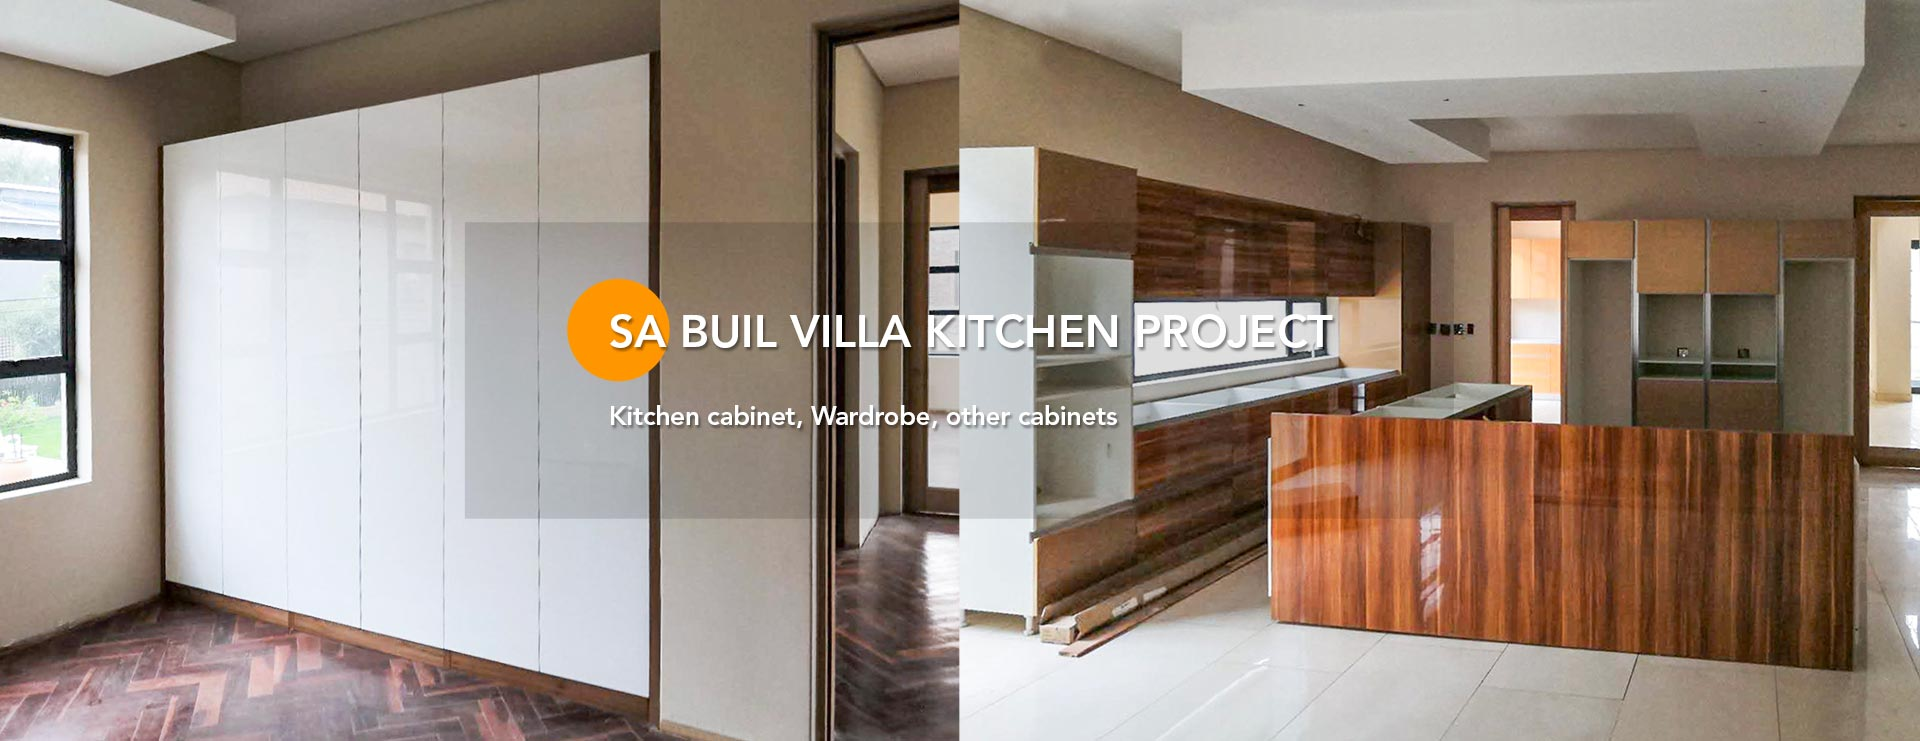 SA-Buil-Kitchens-Project-Villa (1)